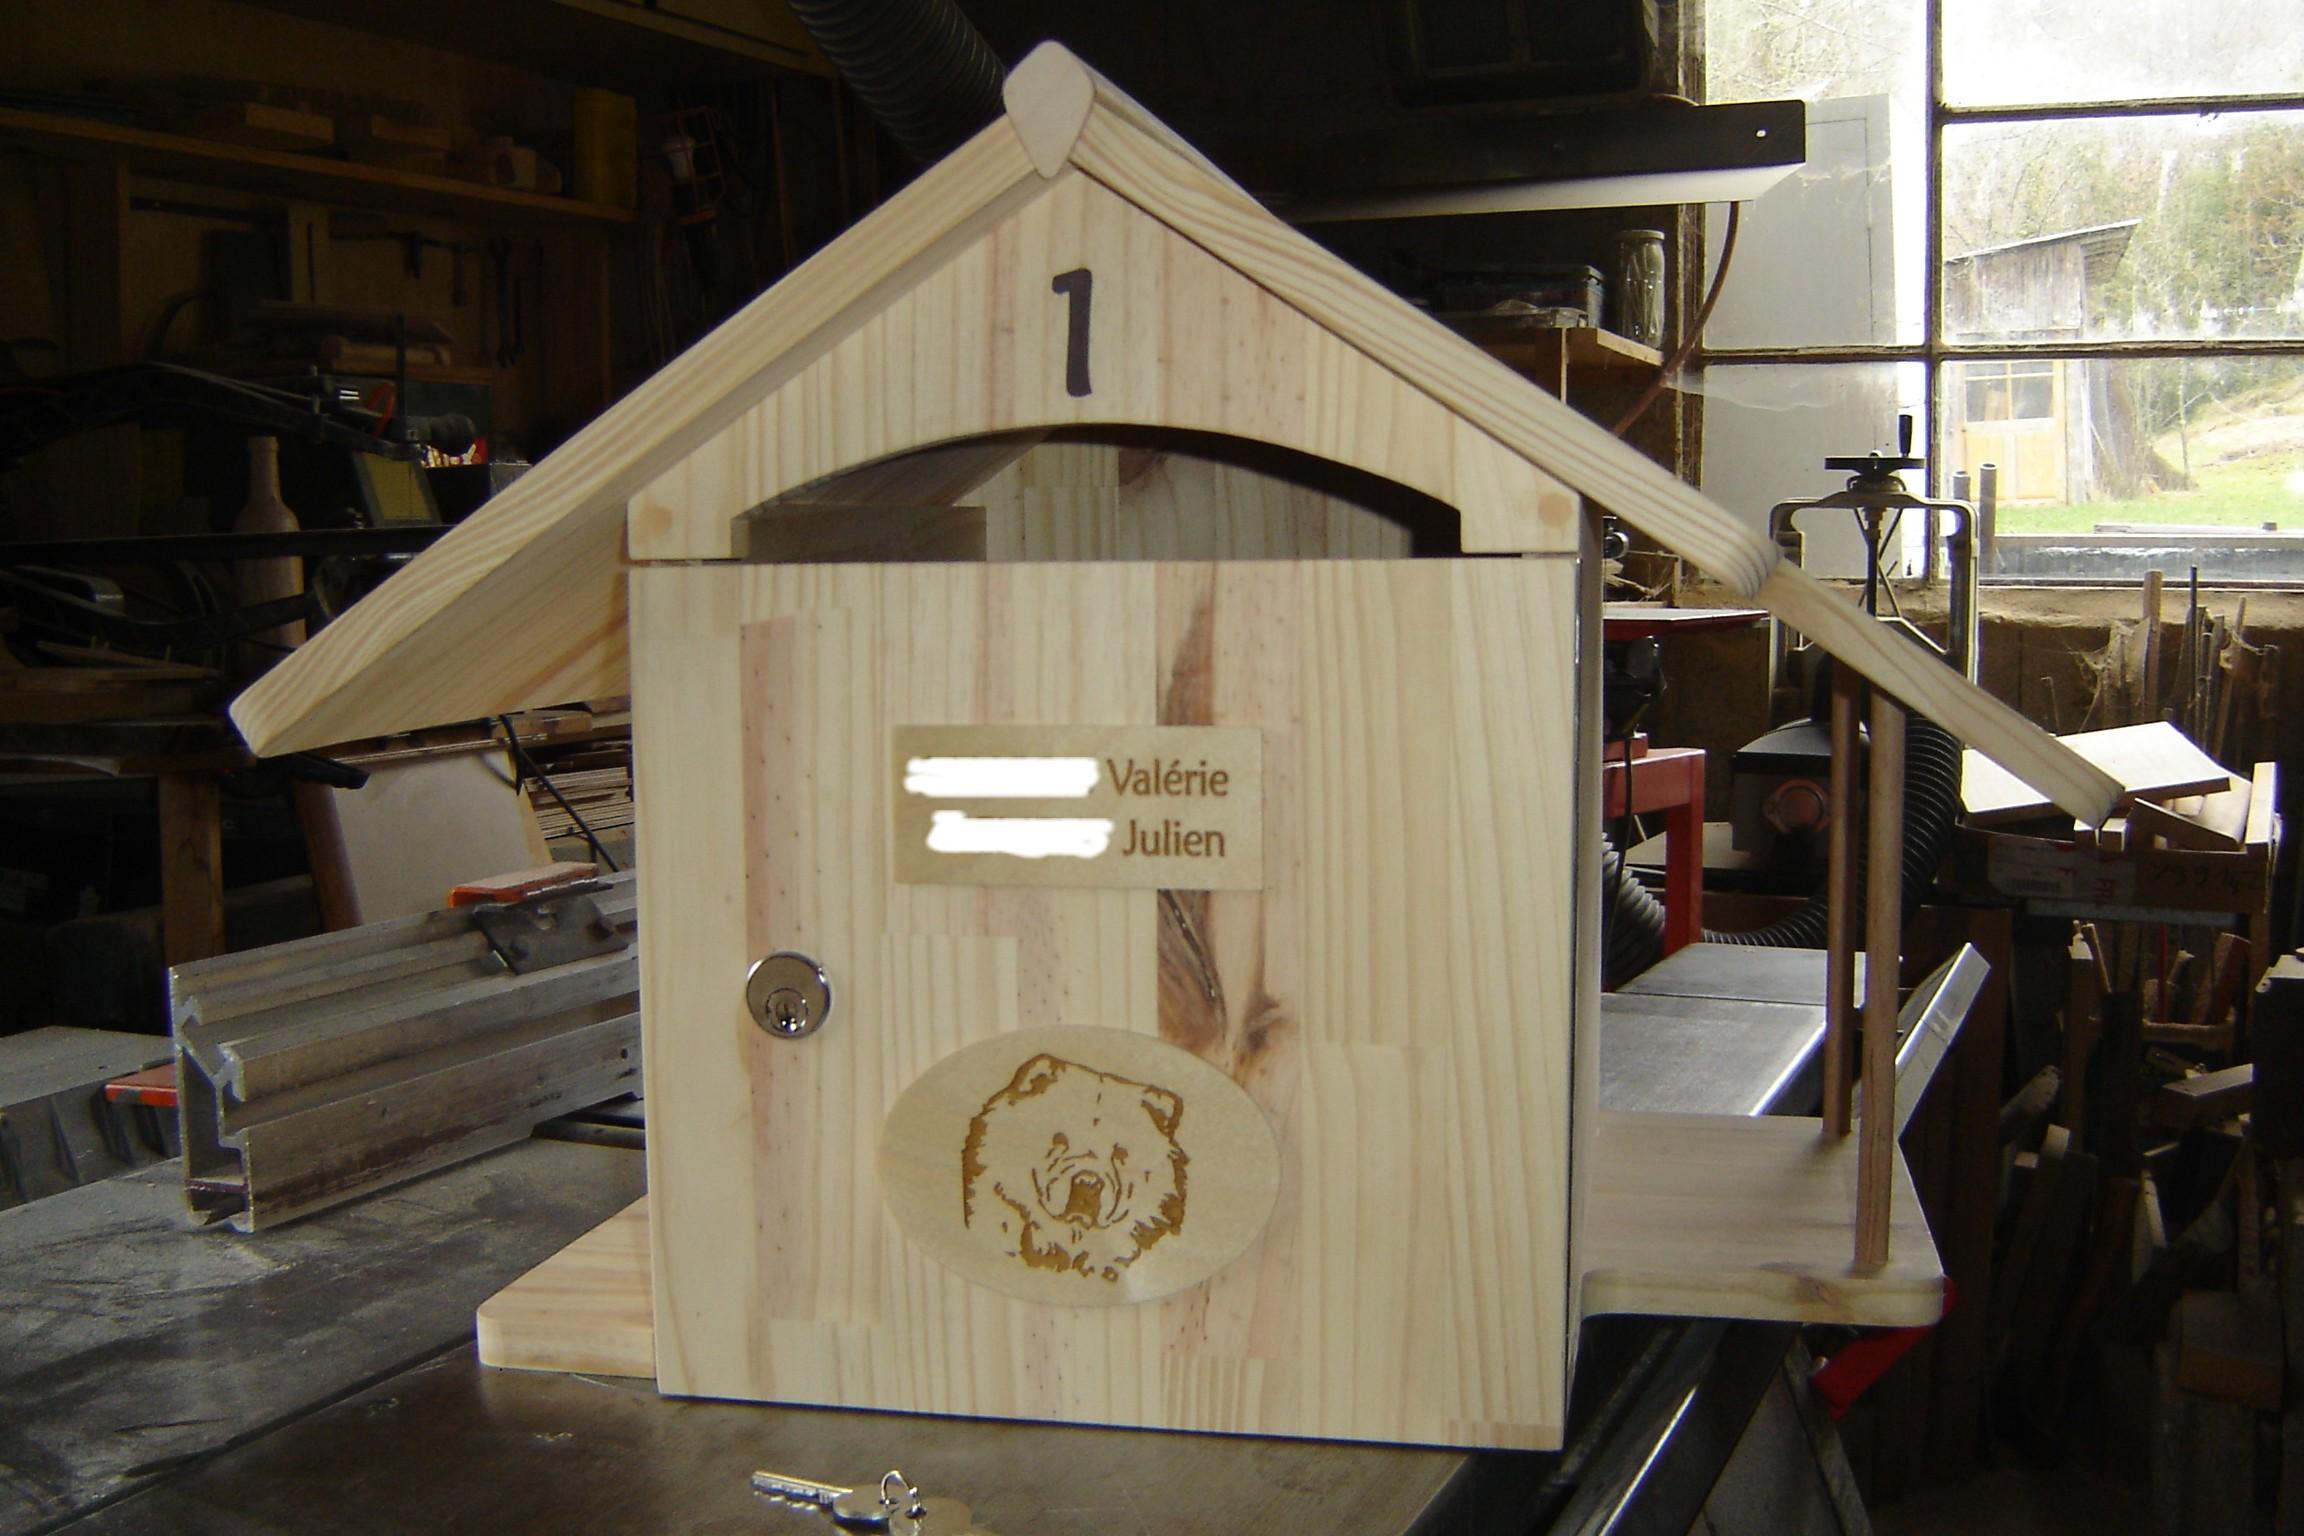 comment avoir une bo te aux lettres originale. Black Bedroom Furniture Sets. Home Design Ideas